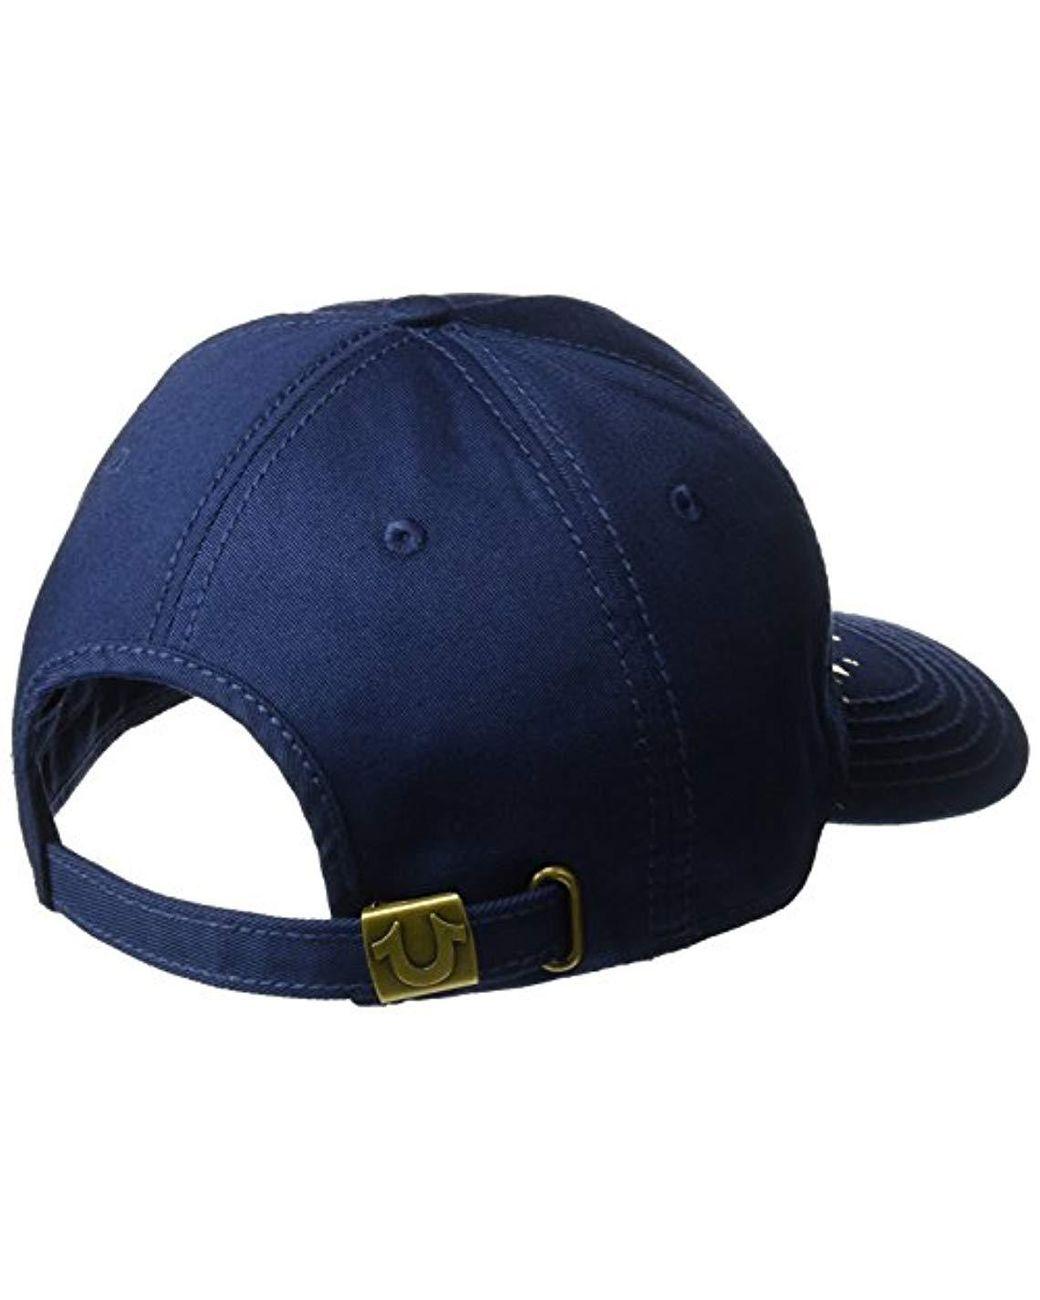 b20e3062 True Religion Shattered Horseshoe Cap in Blue for Men - Save 32% - Lyst